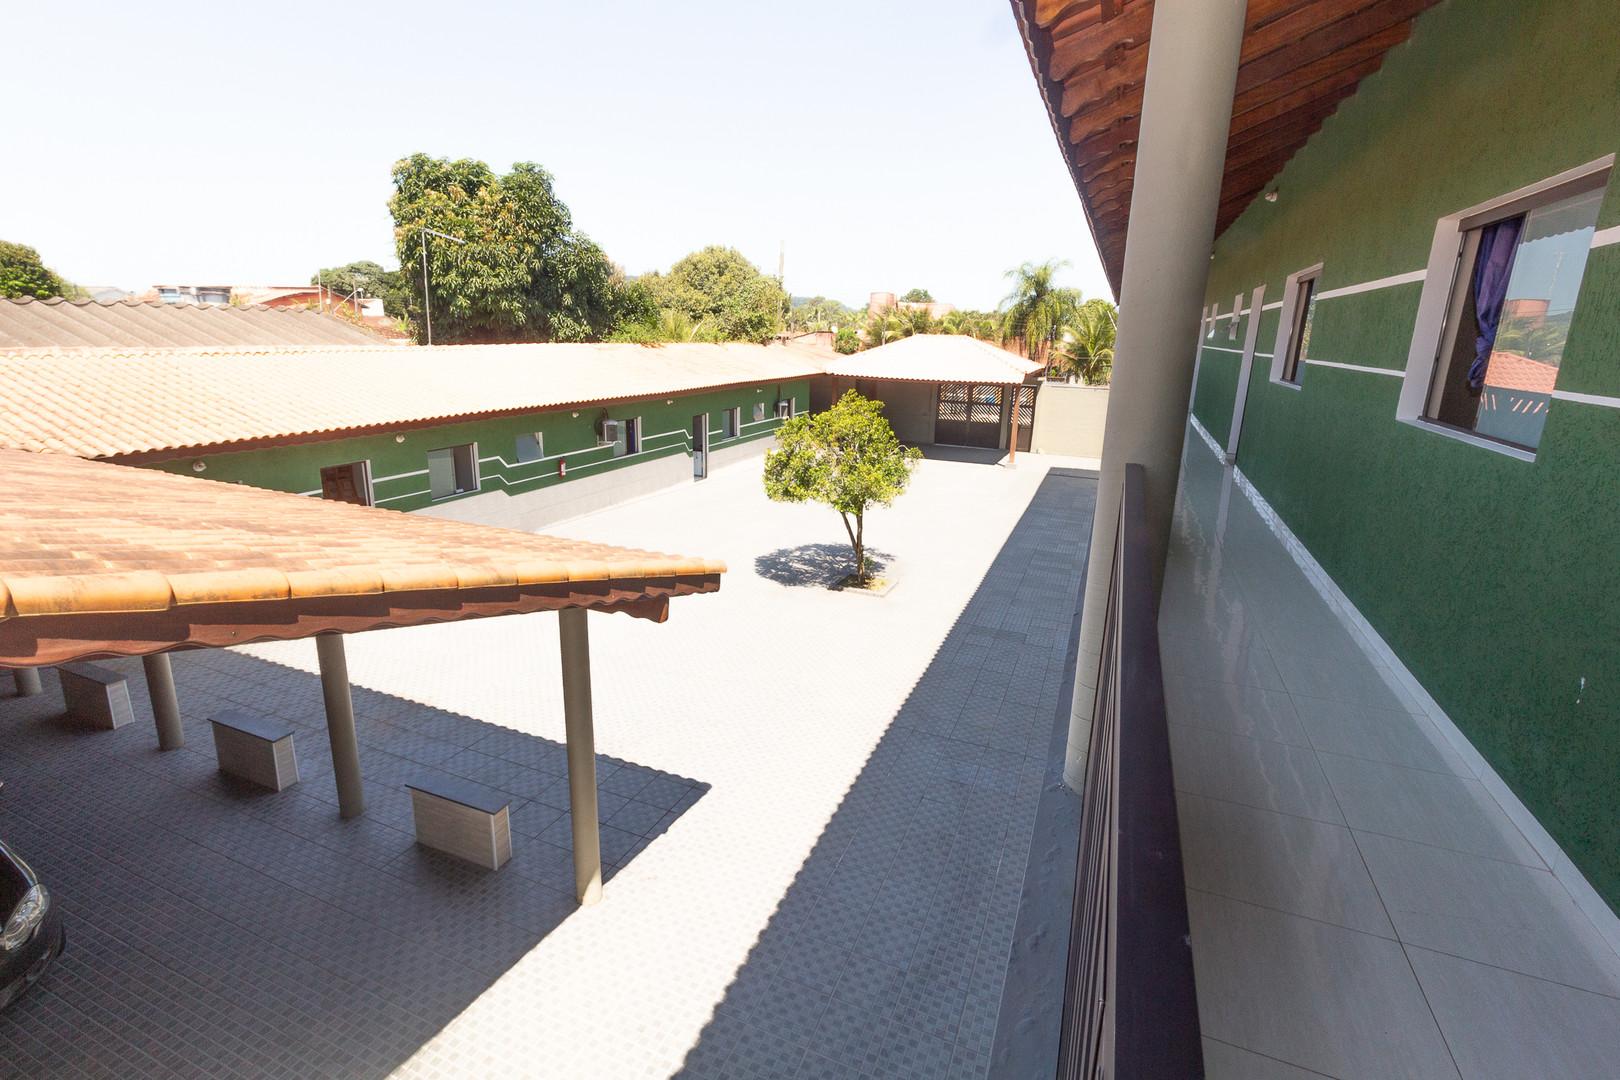 Vista de cima   Pátio - Vista 1